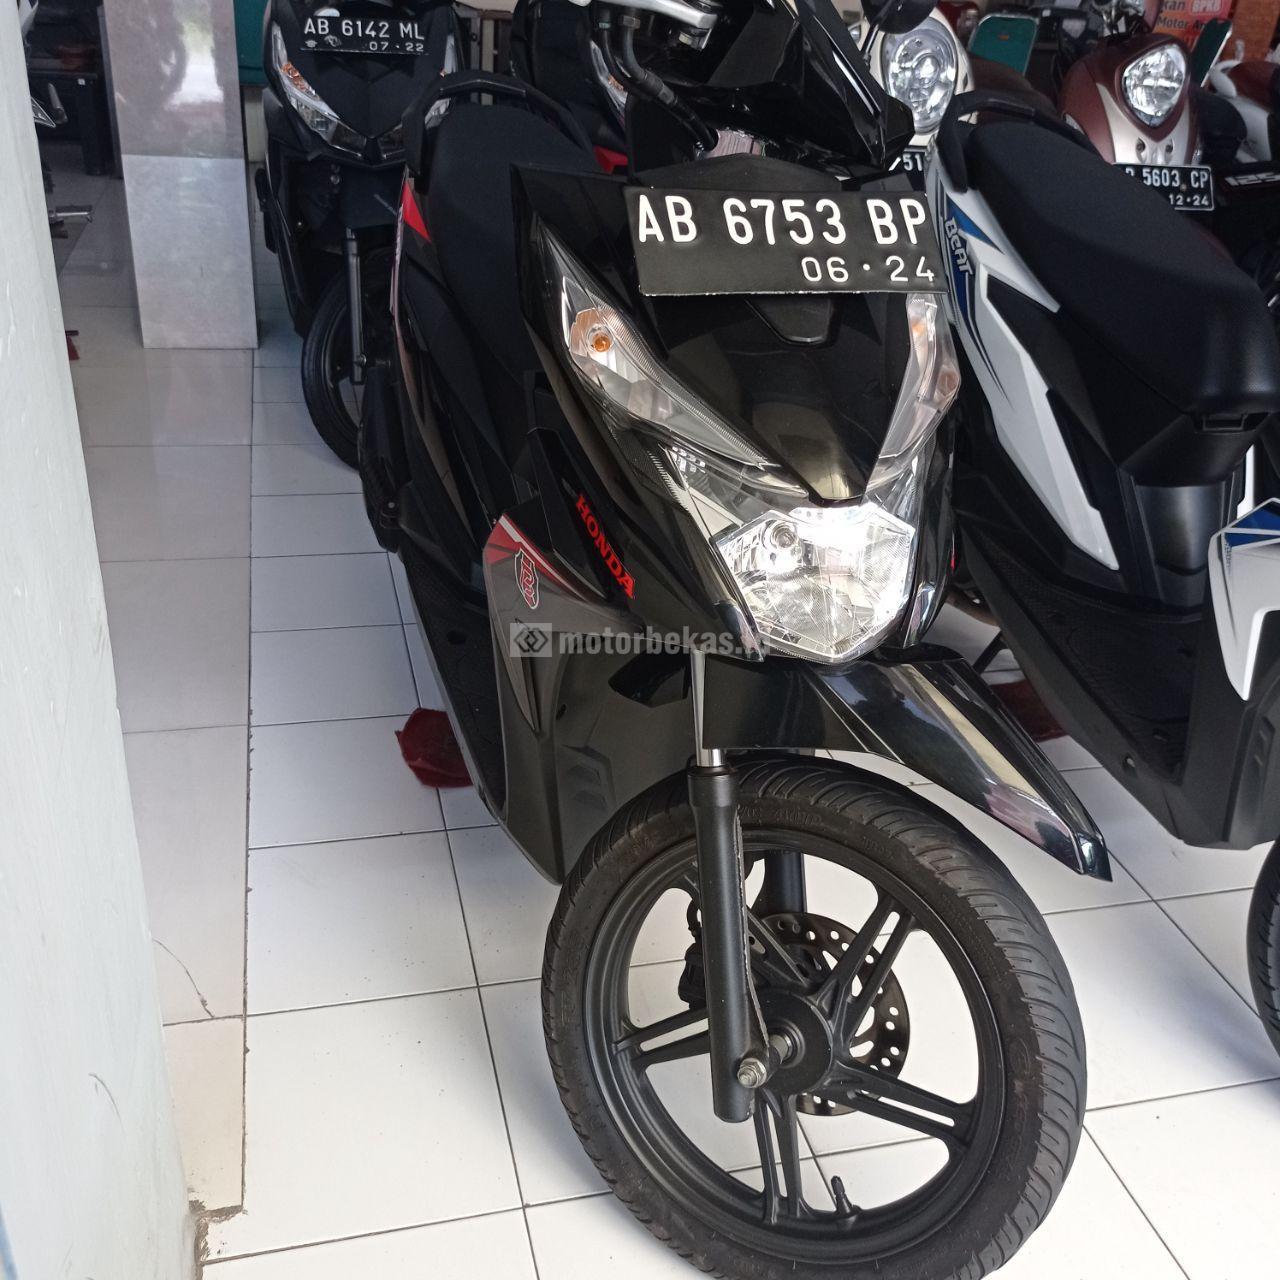 HONDA BEAT  451 motorbekas.id